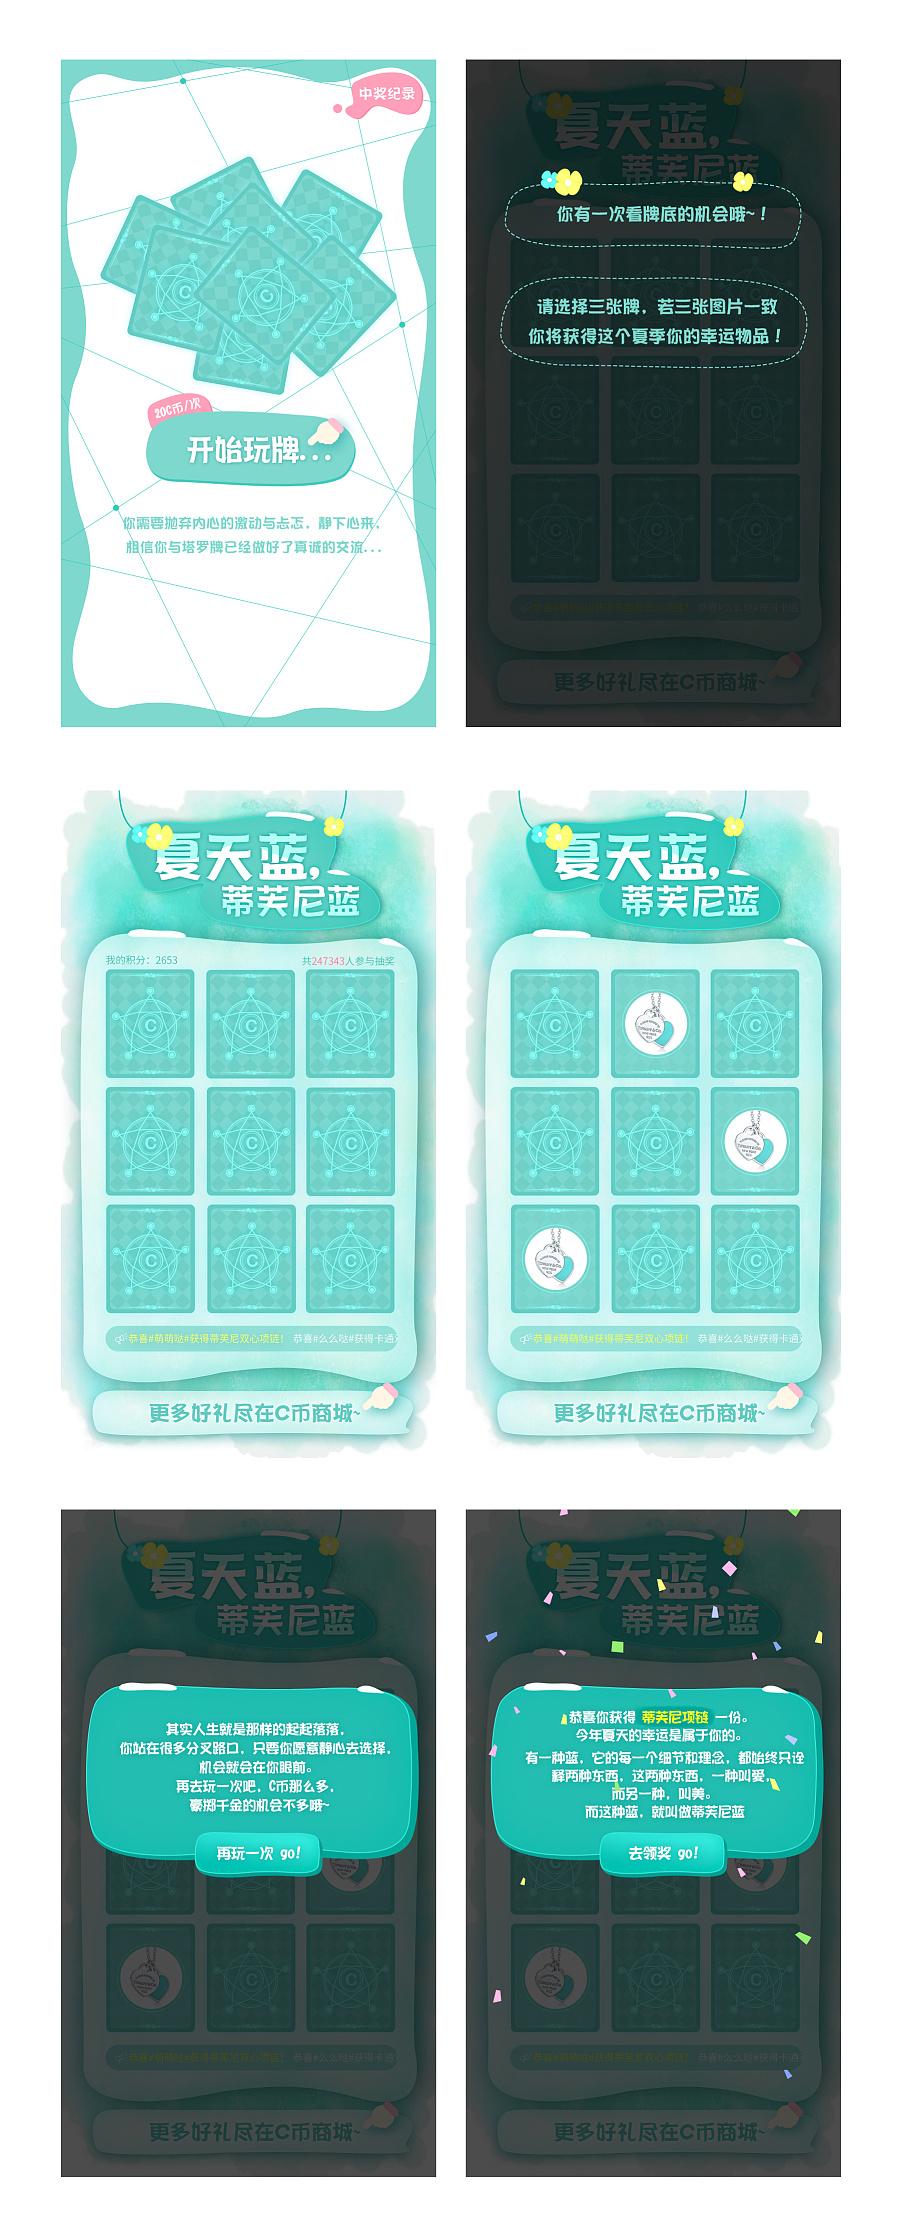 塔罗牌抽奖h5|移动设备/app界面|ui|小锦jin